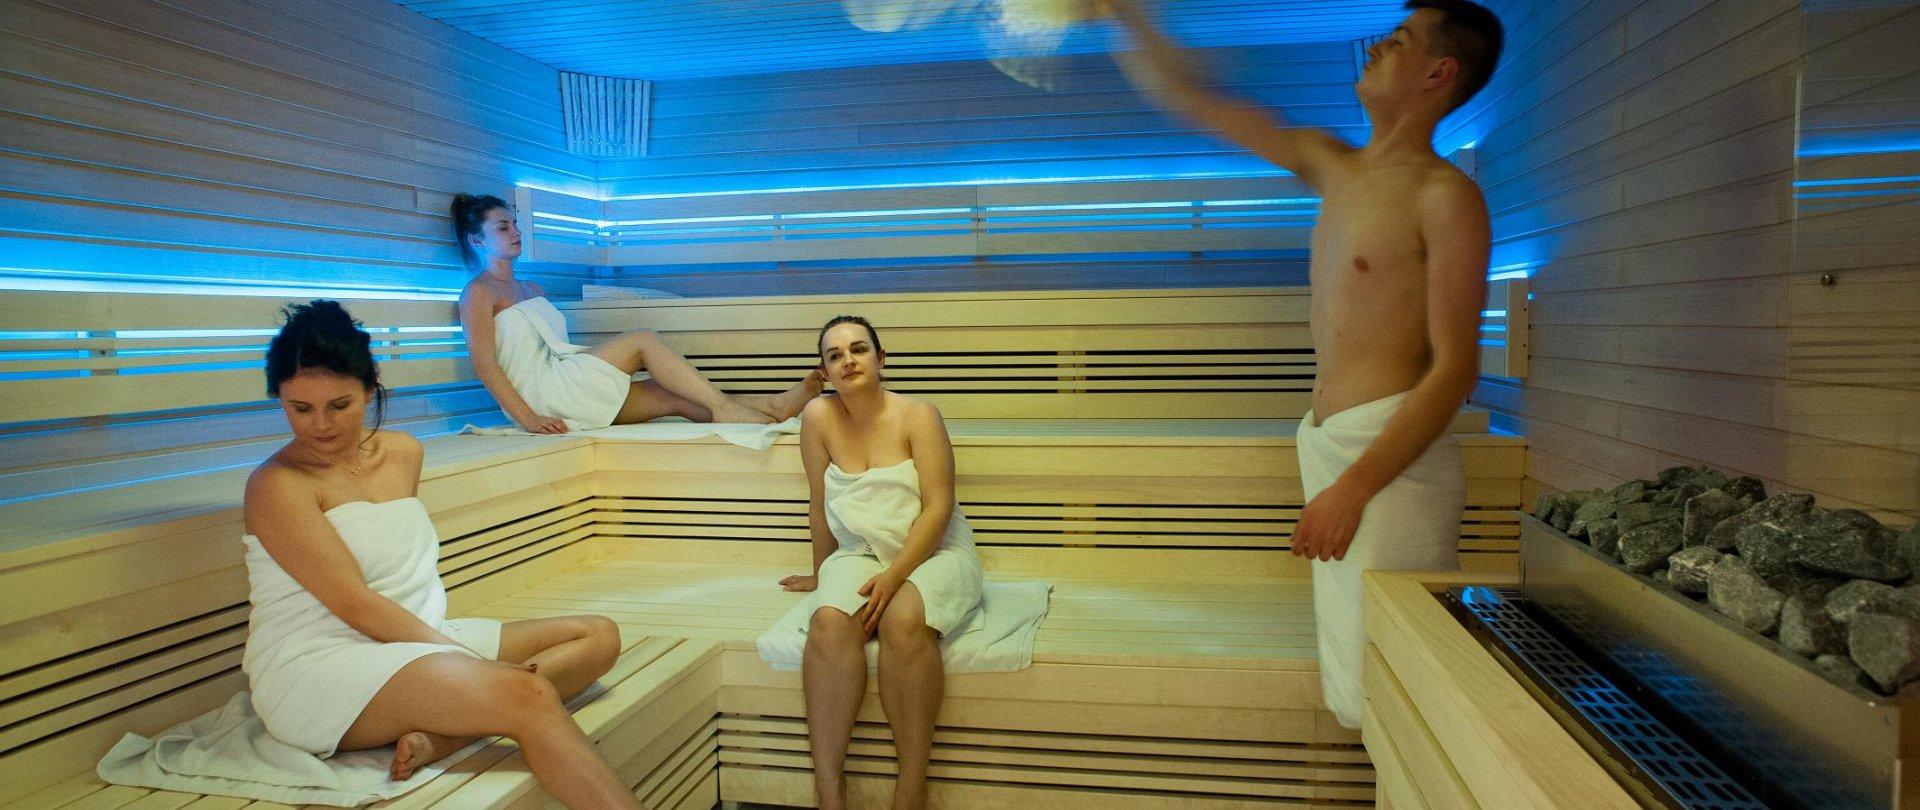 Sauna show